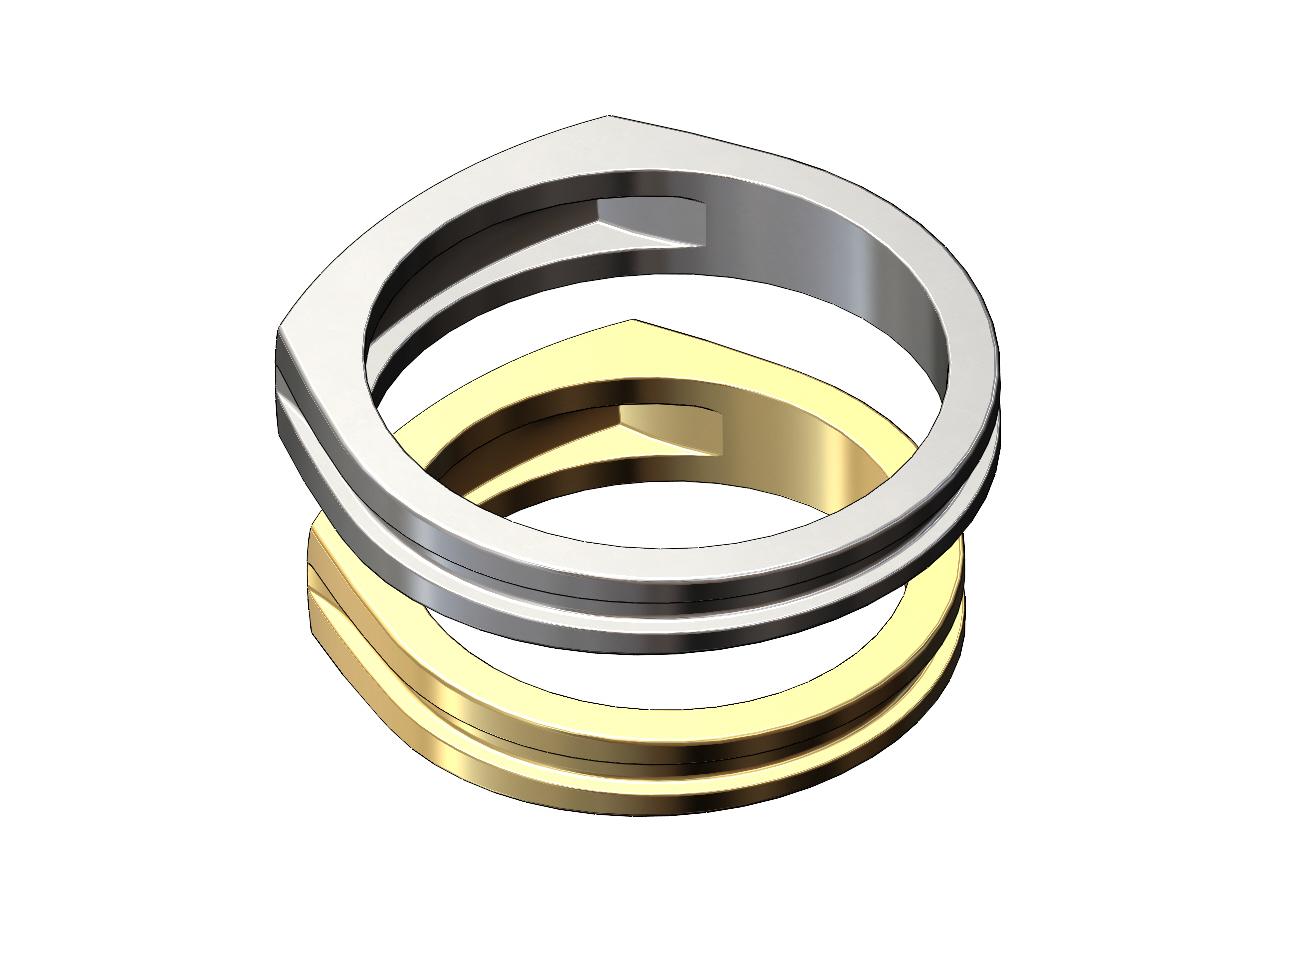 dome-signet-ring-05.JPG Télécharger fichier 3MF Modèle d'impression 3D de la bague de signature du dôme • Modèle imprimable en 3D, RachidSW